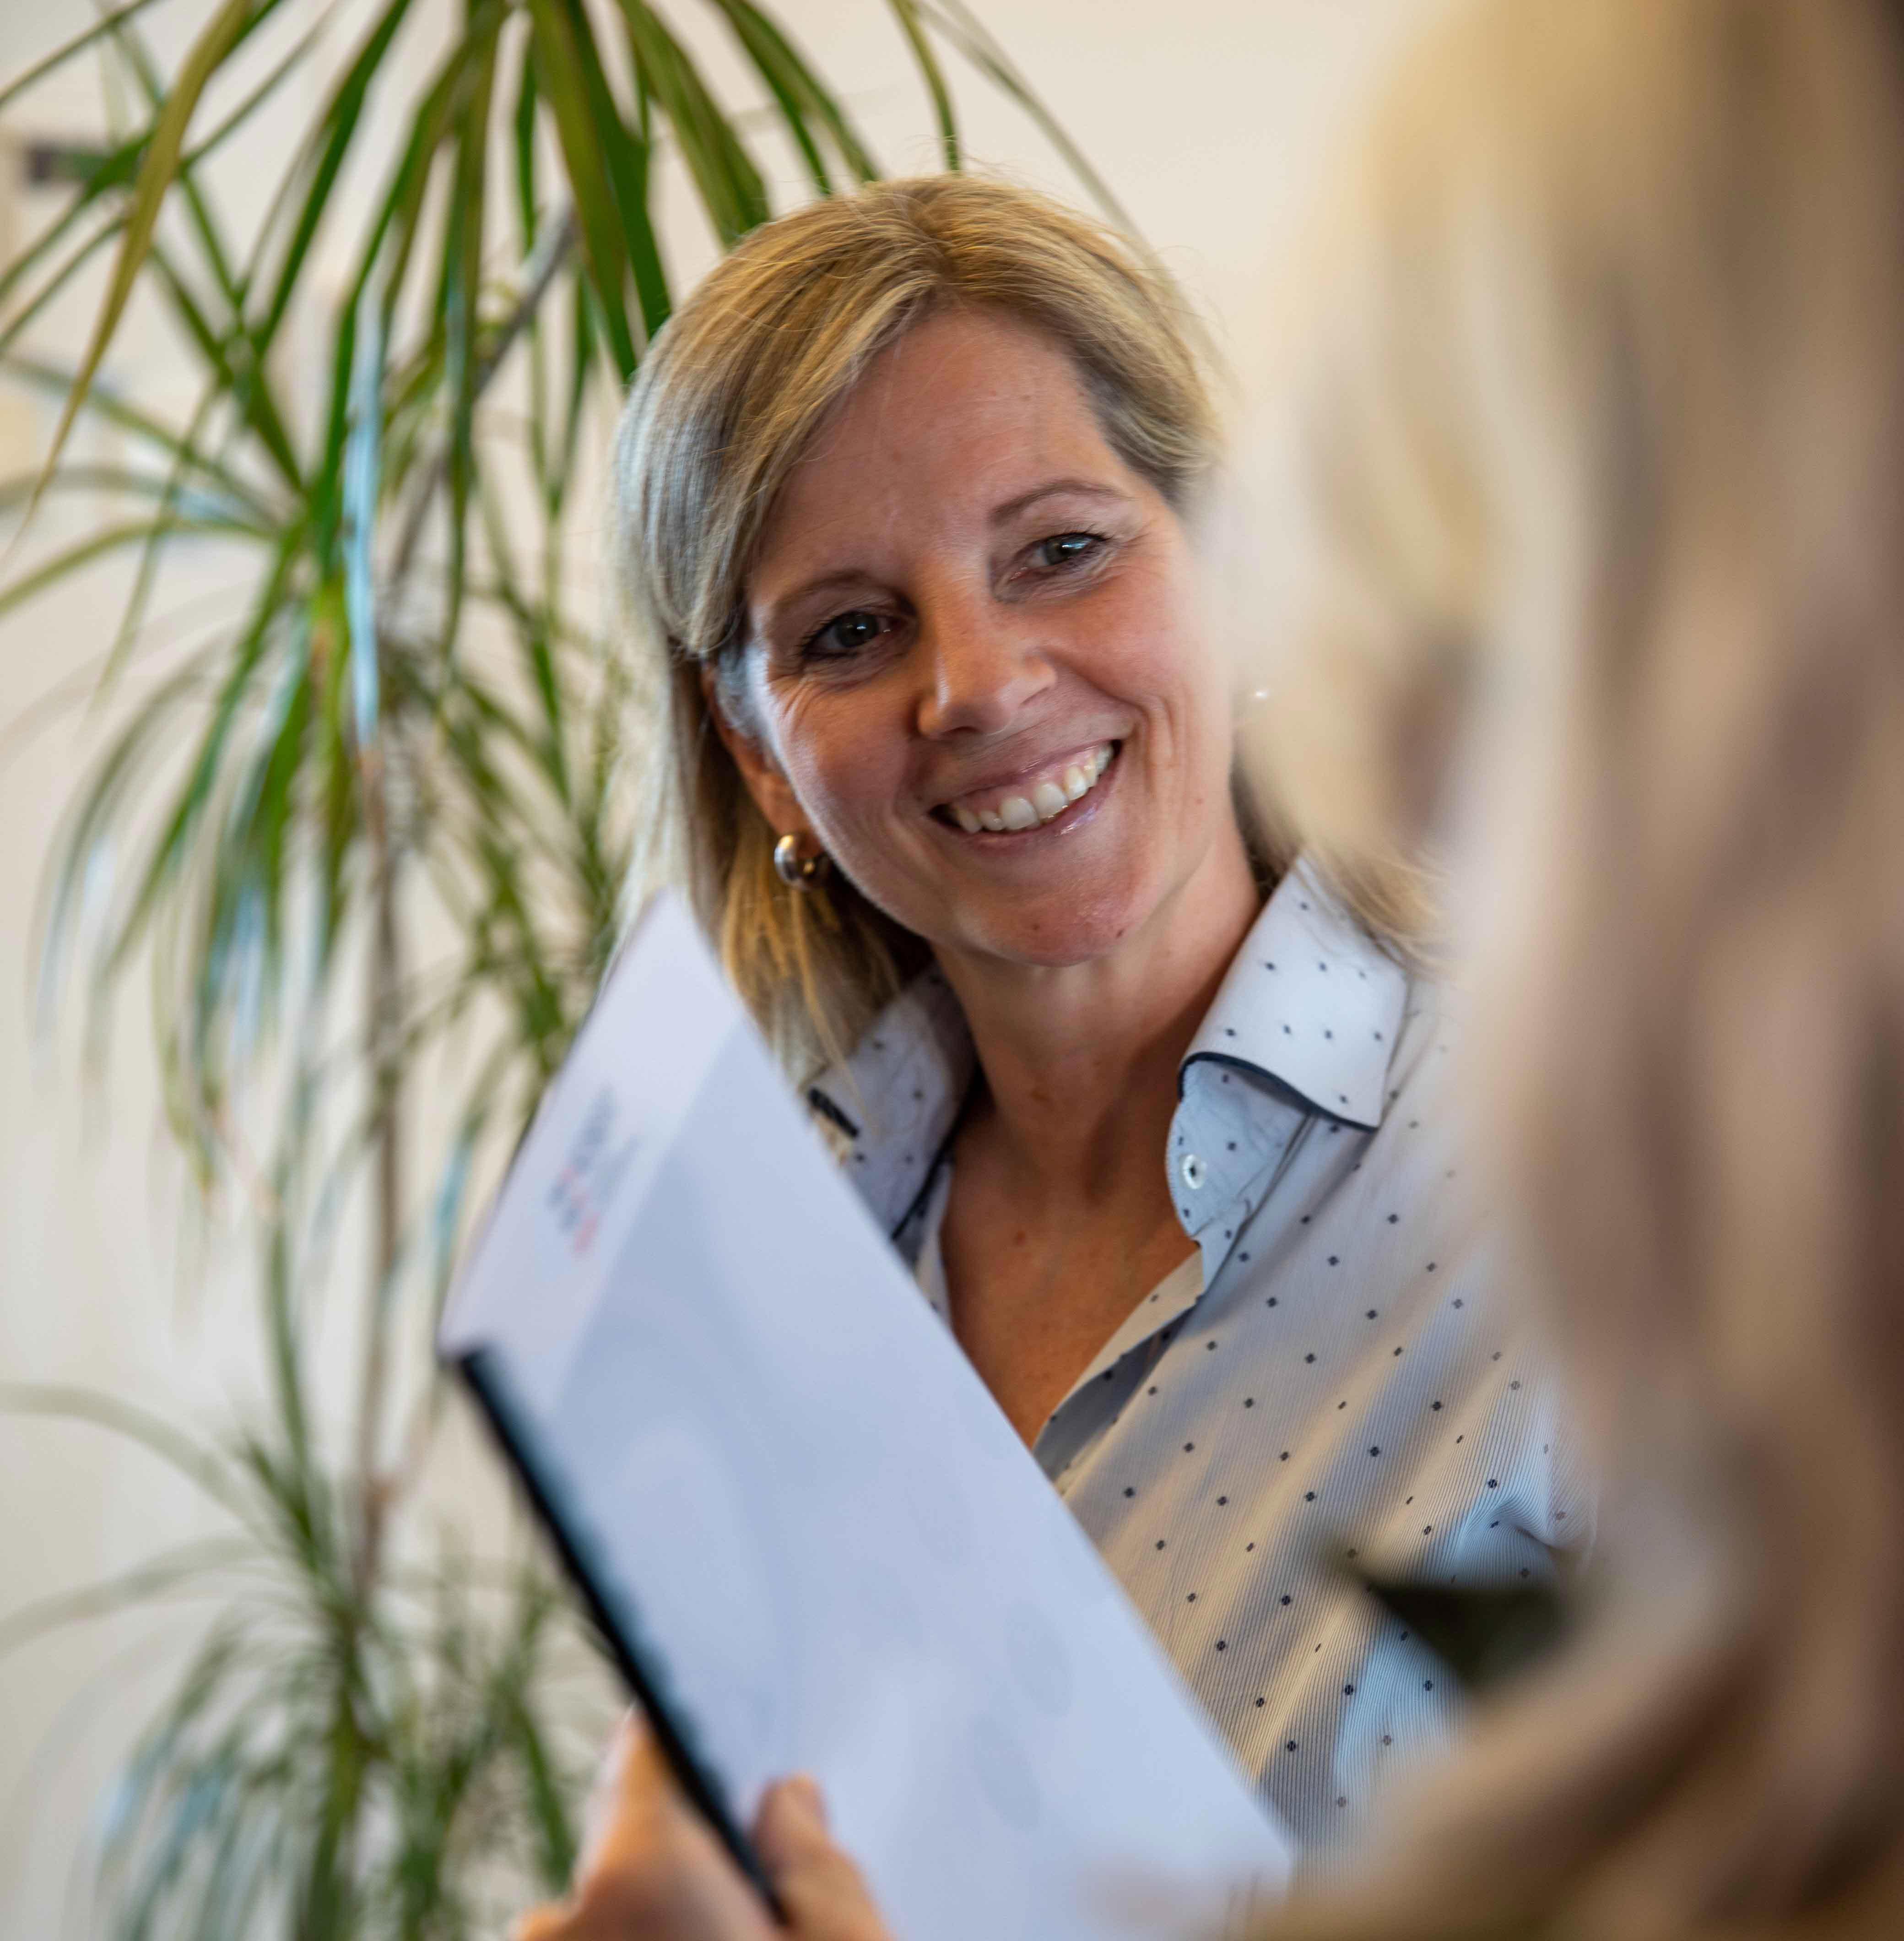 persoonlijk-over-ons-don-robert-administratie-financiele-dienstverlening